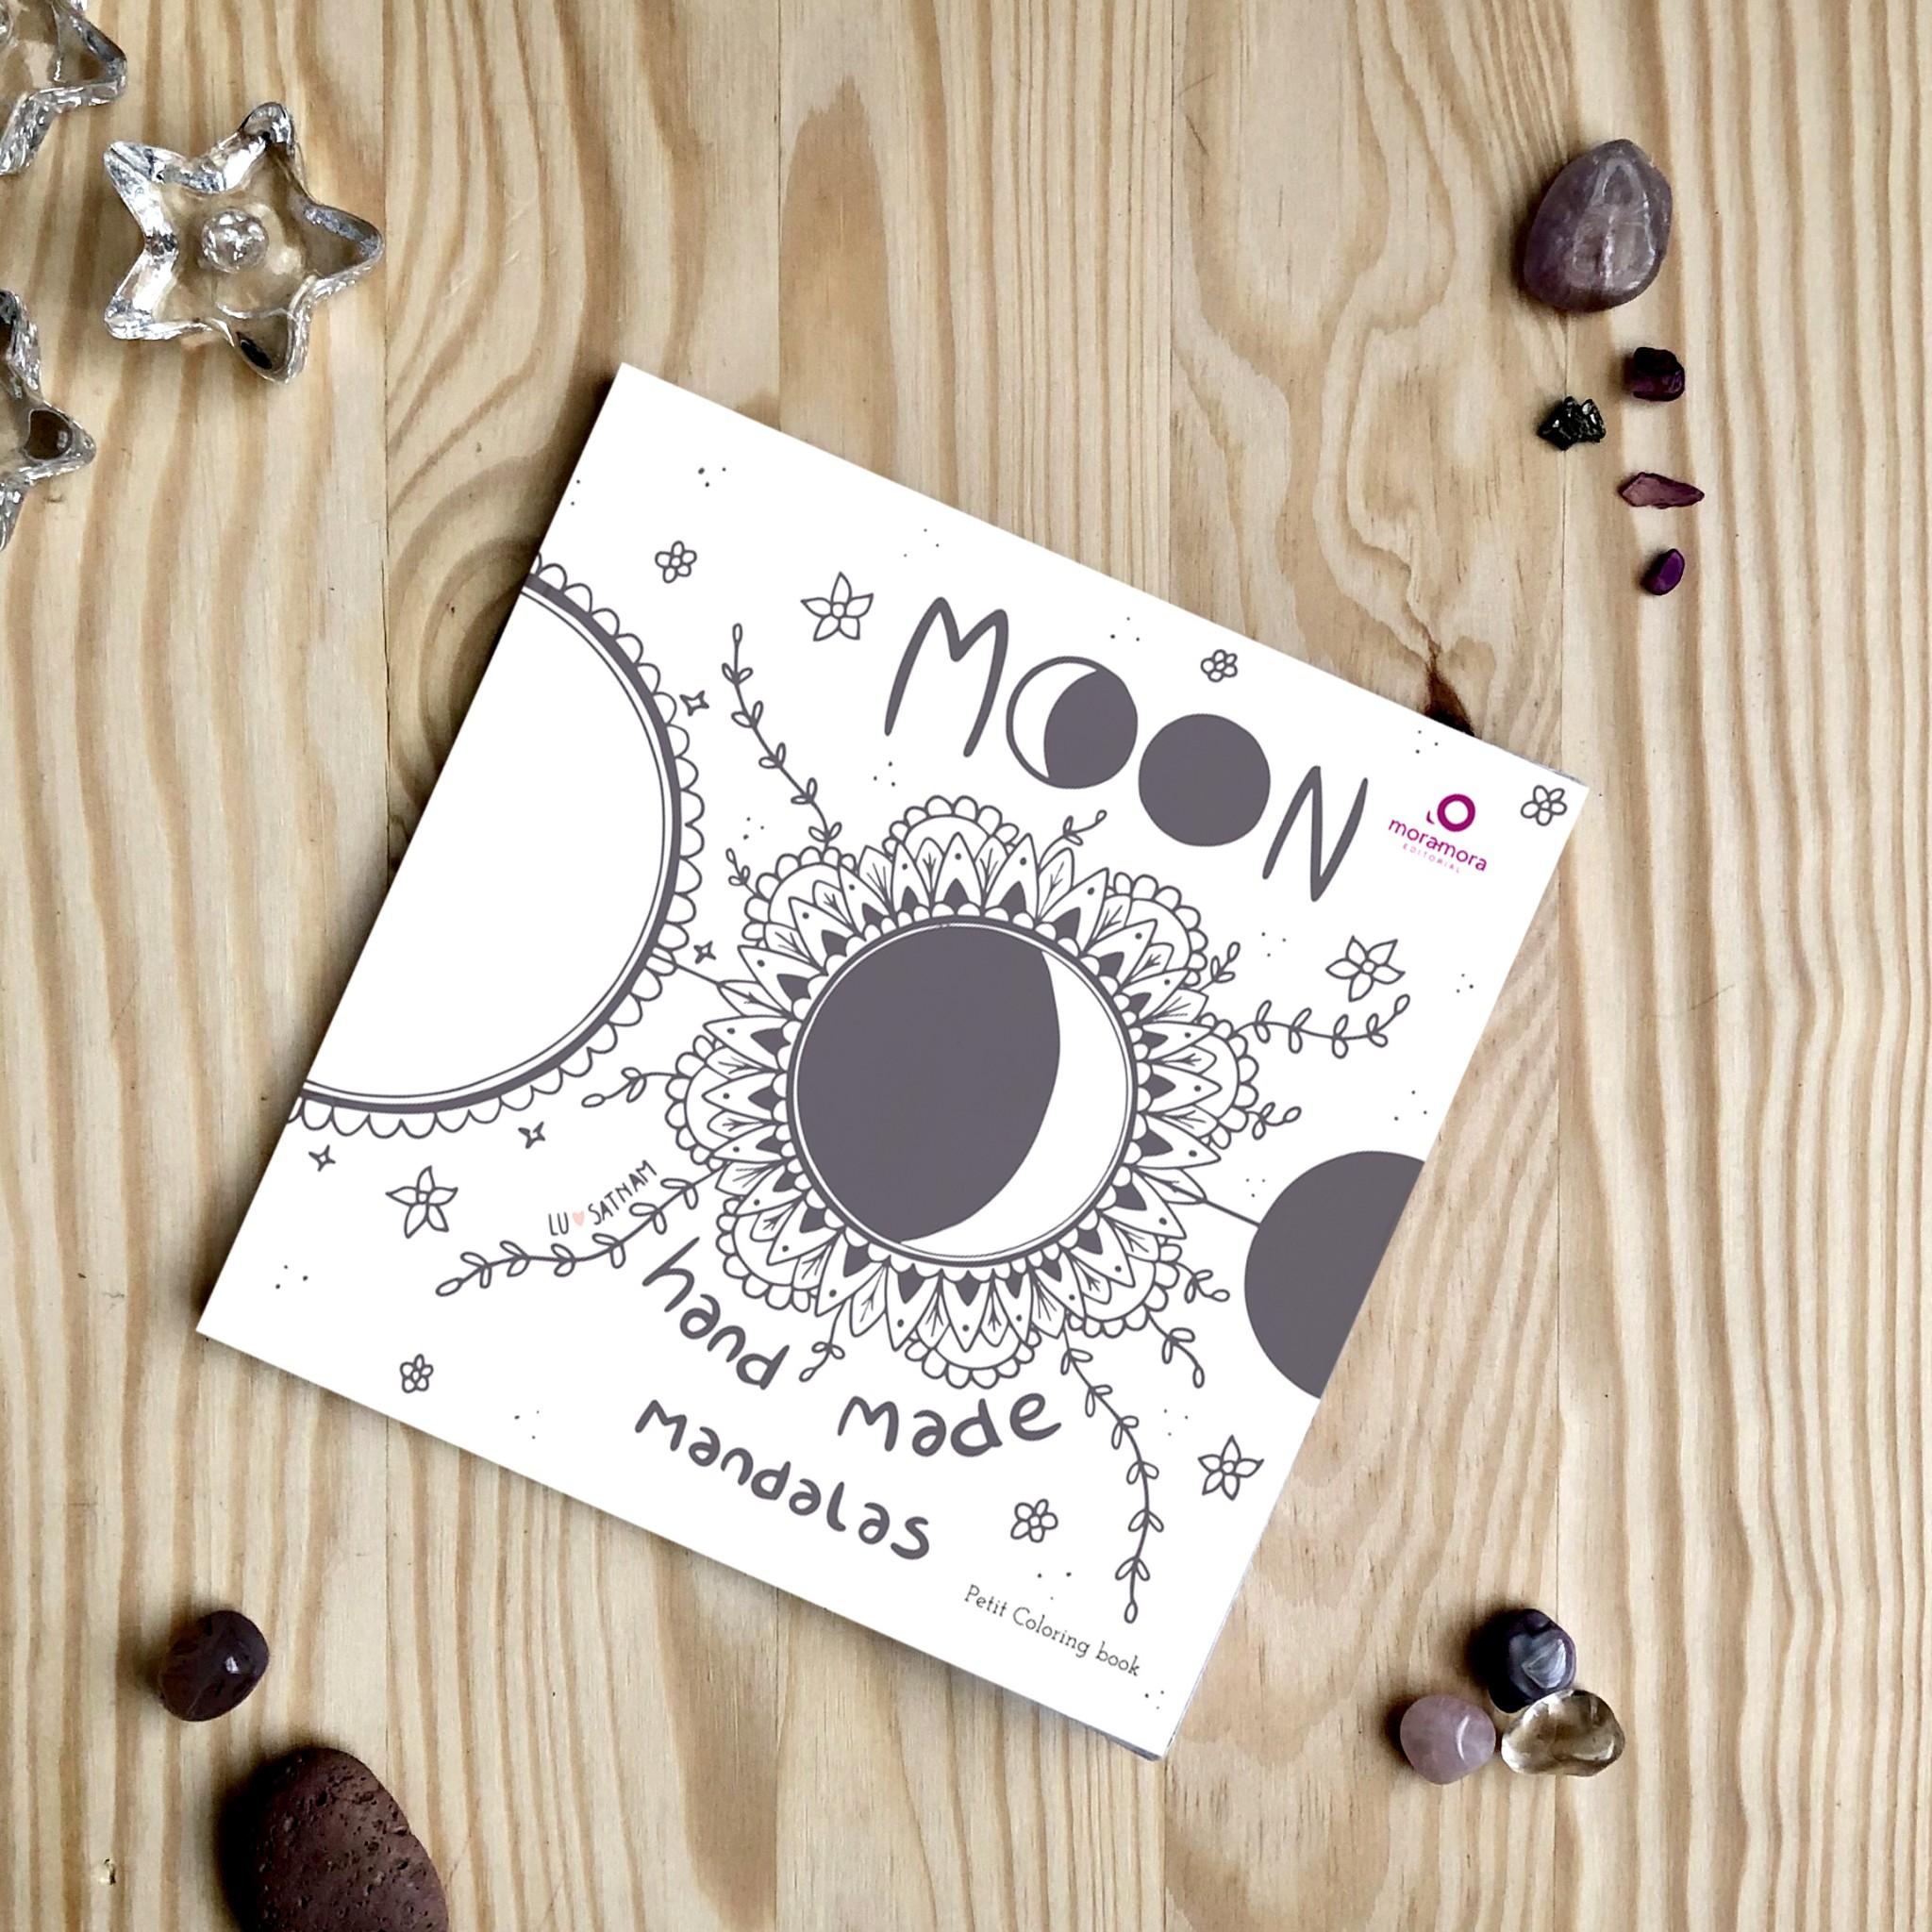 Moon handmade mandalas